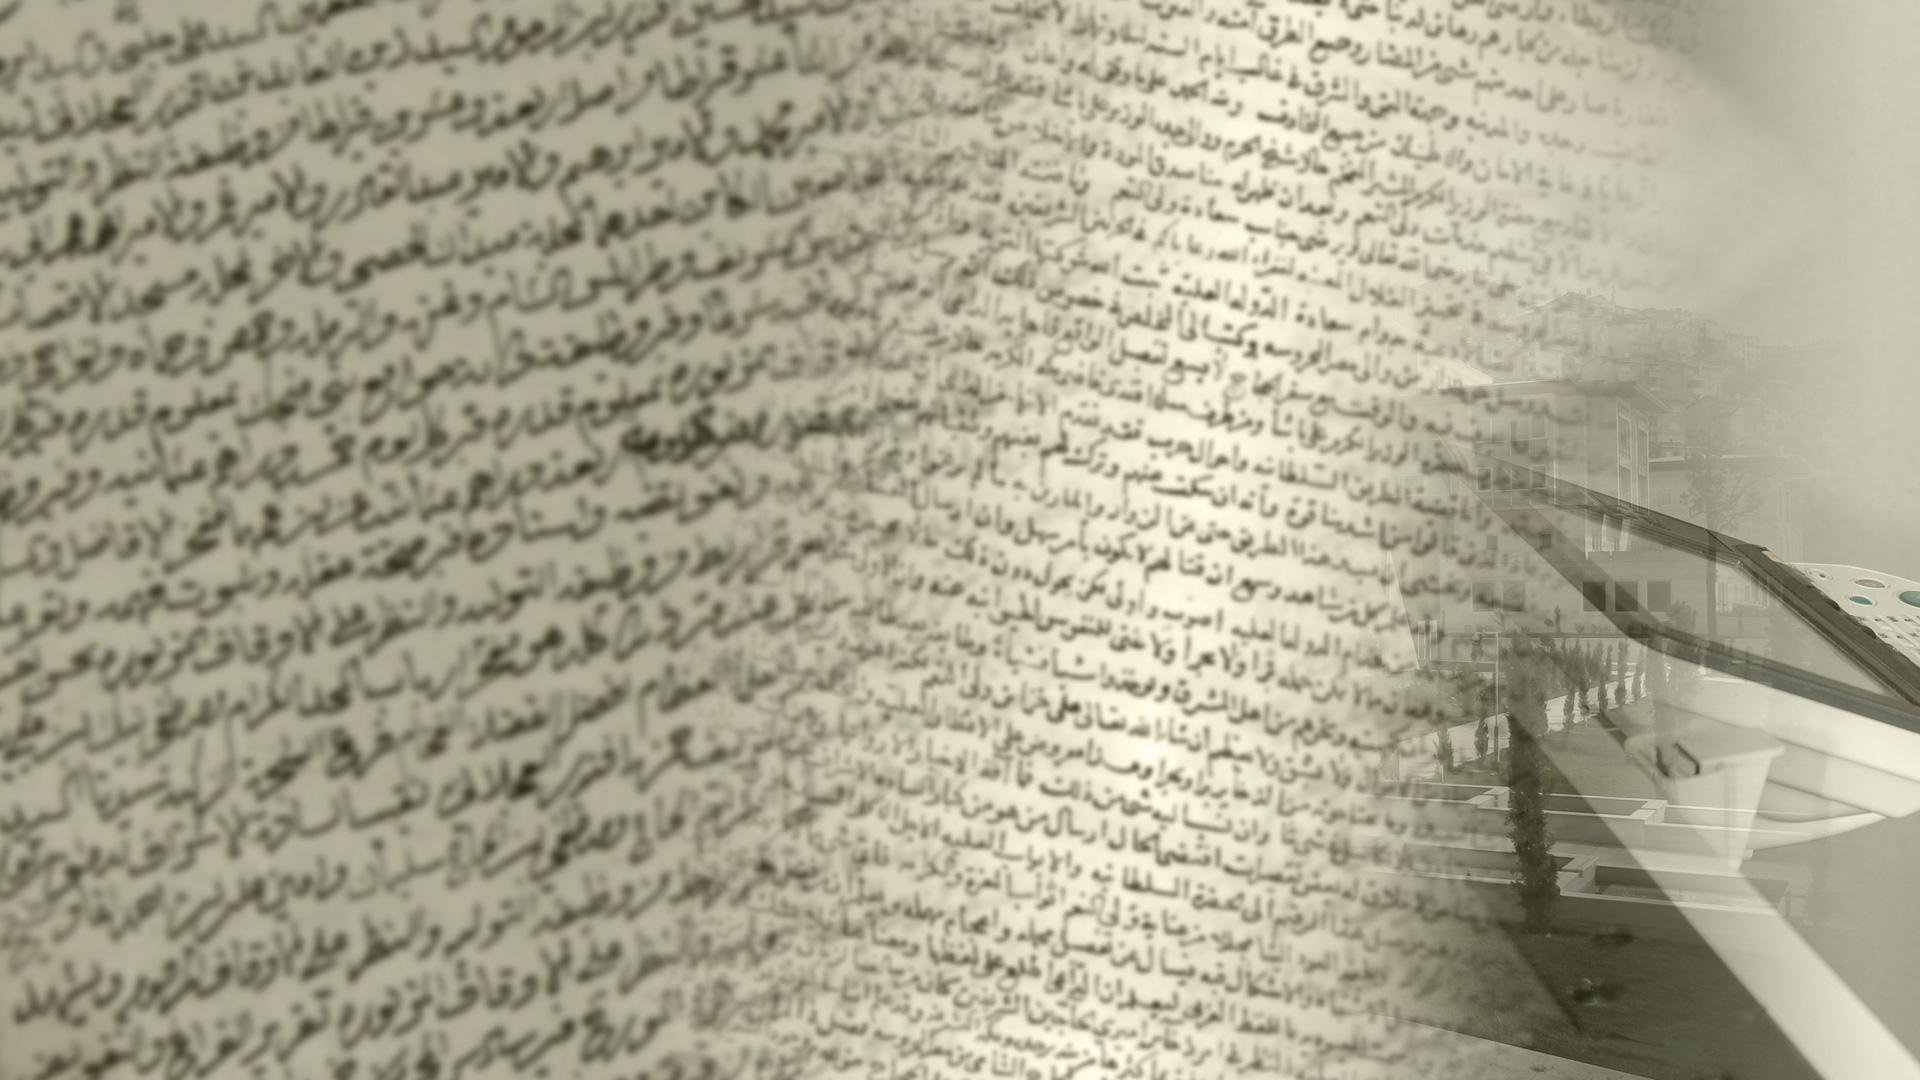 خدمة تصوير مخطوطات ووثائق